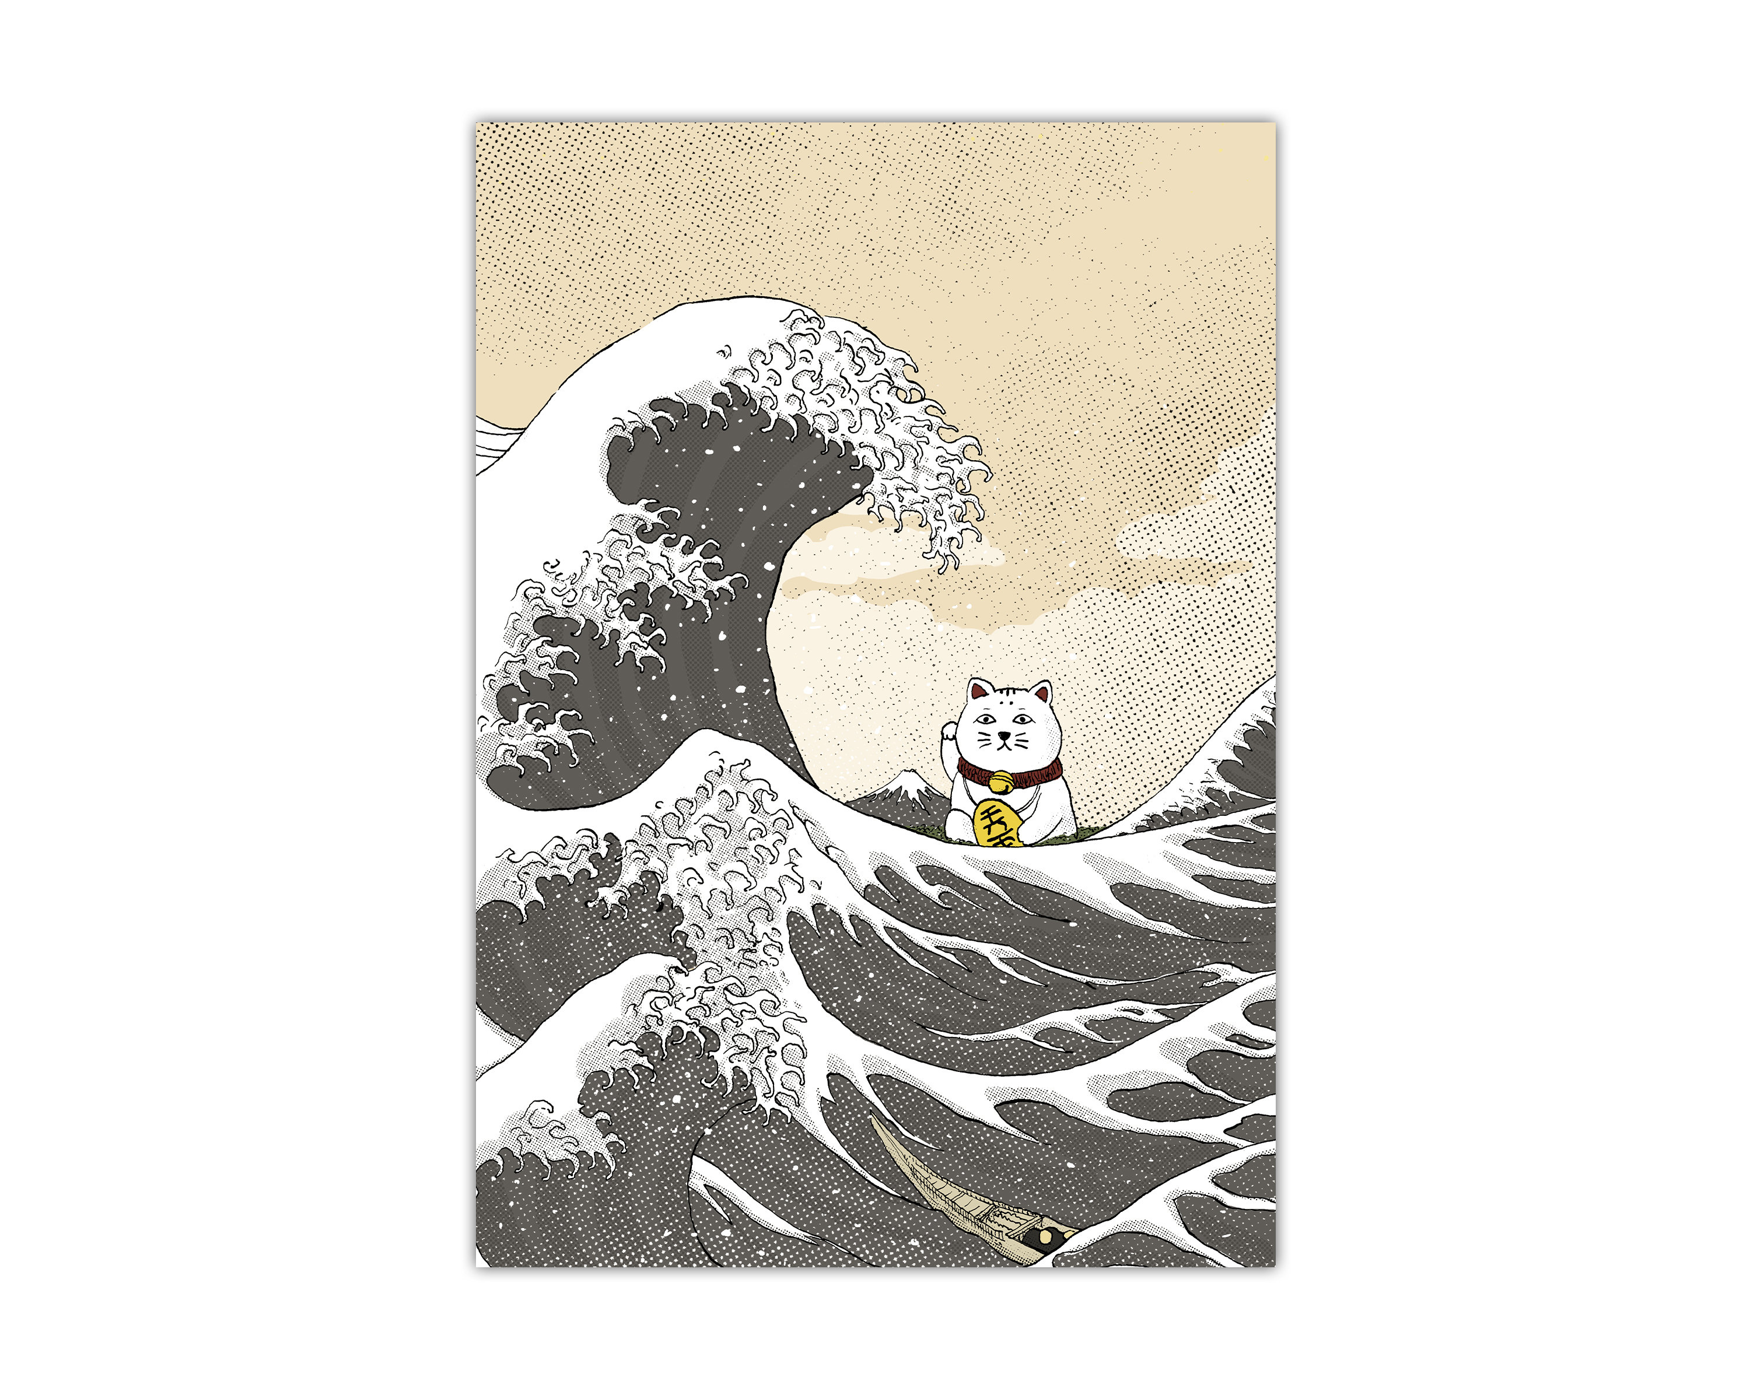 Lámina con una ilustración de el gato de la suerte (maneki neko) y el dibujo de La Gran Ola de Hokusai